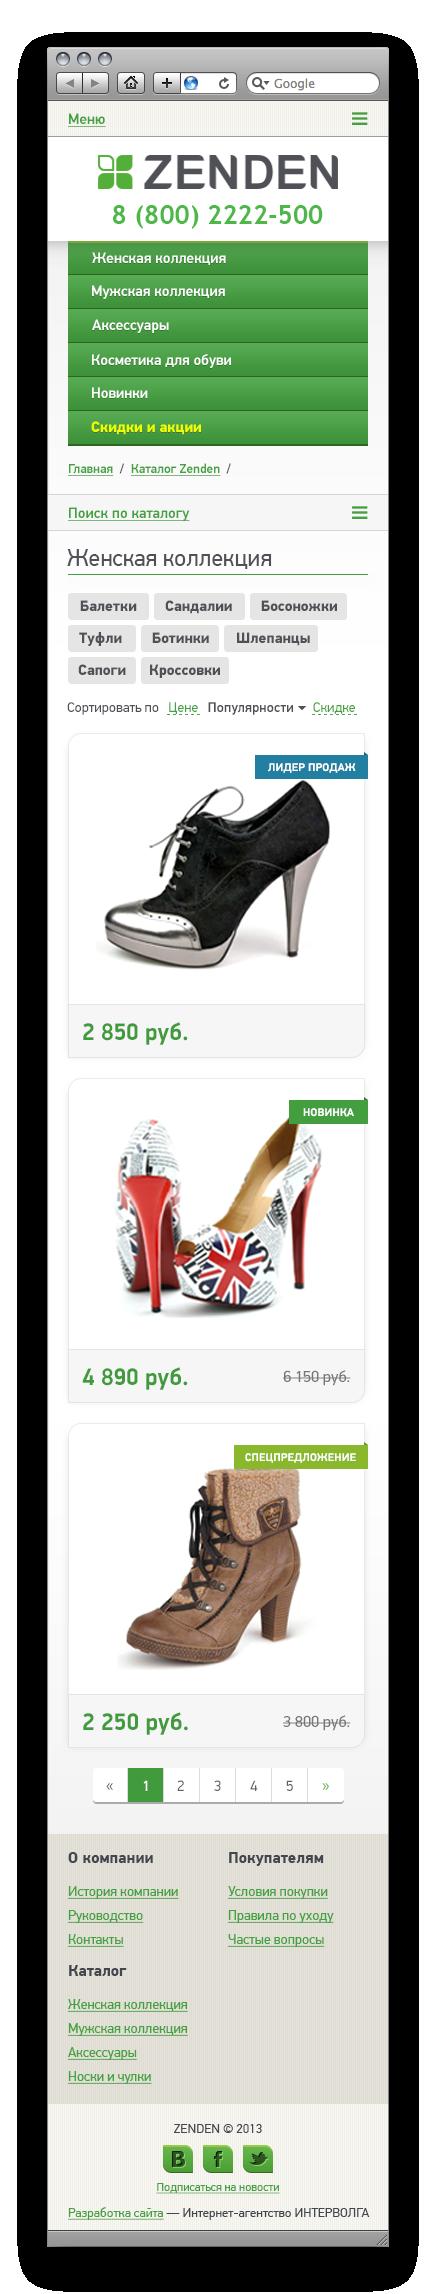 42109c375321 Разработка интернет-магазина Сеть обувных салонов ZENDEN - портфолио